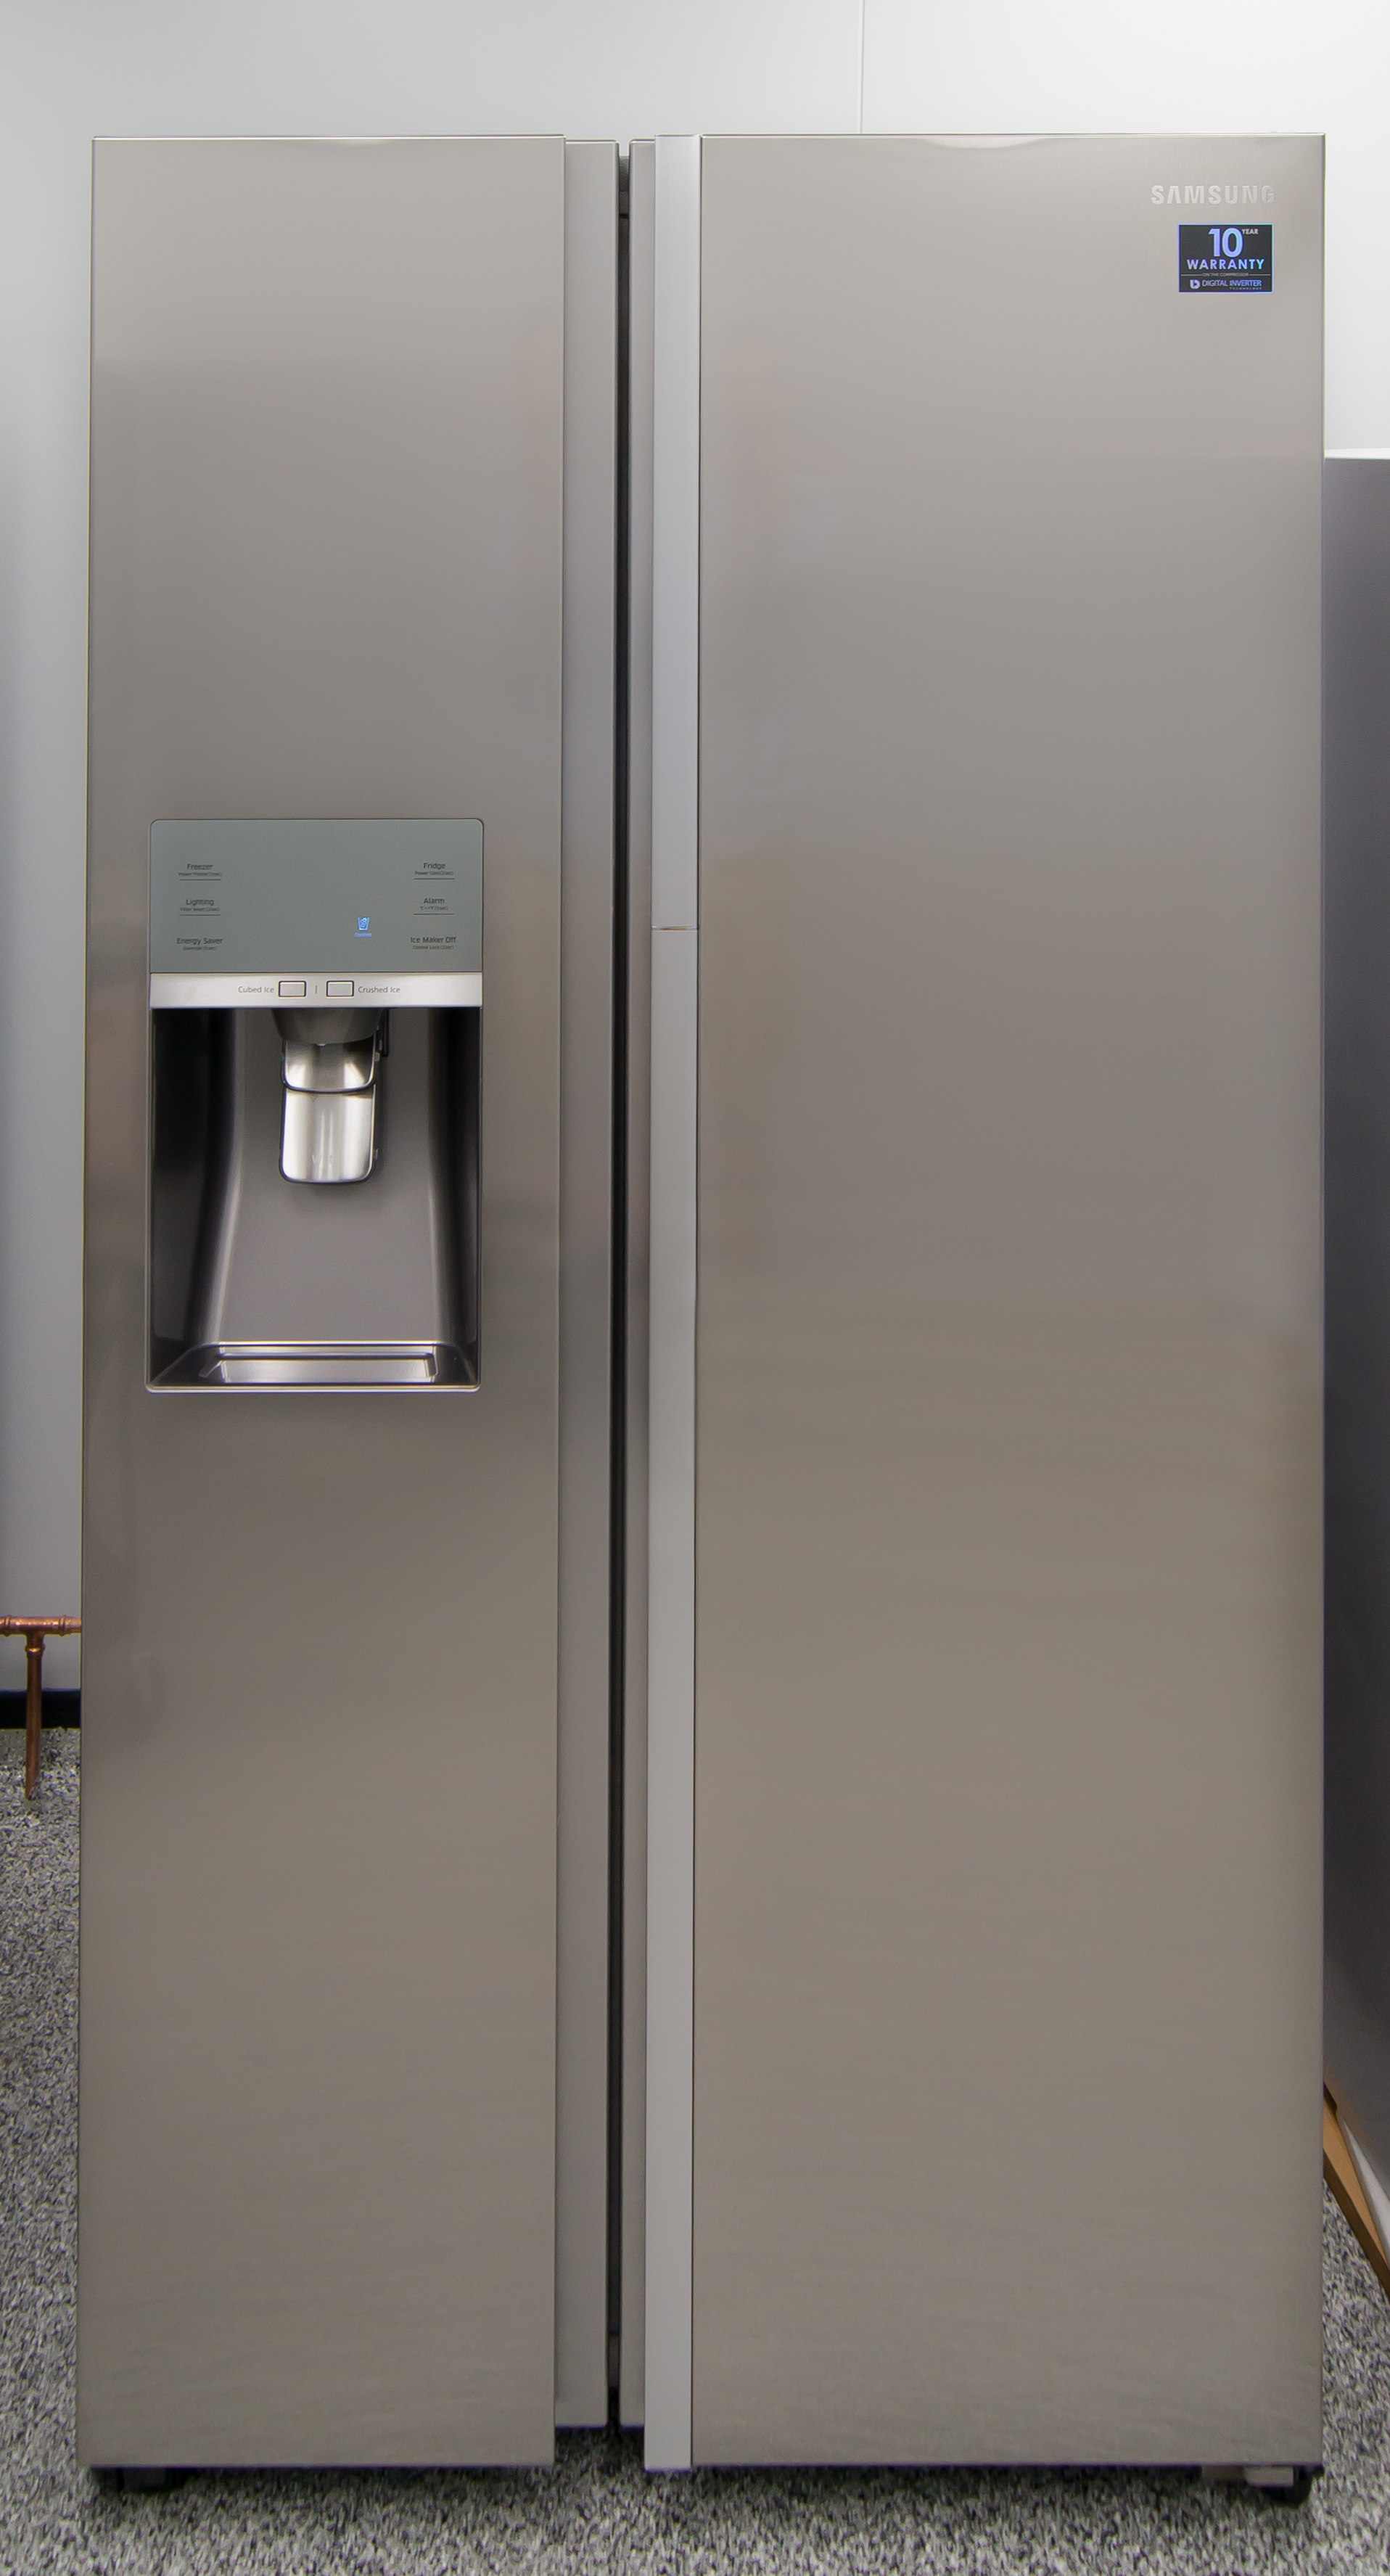 Famous Samsung RH29H9000SR Refrigerator Review - Reviewed.com Refrigerators XB87